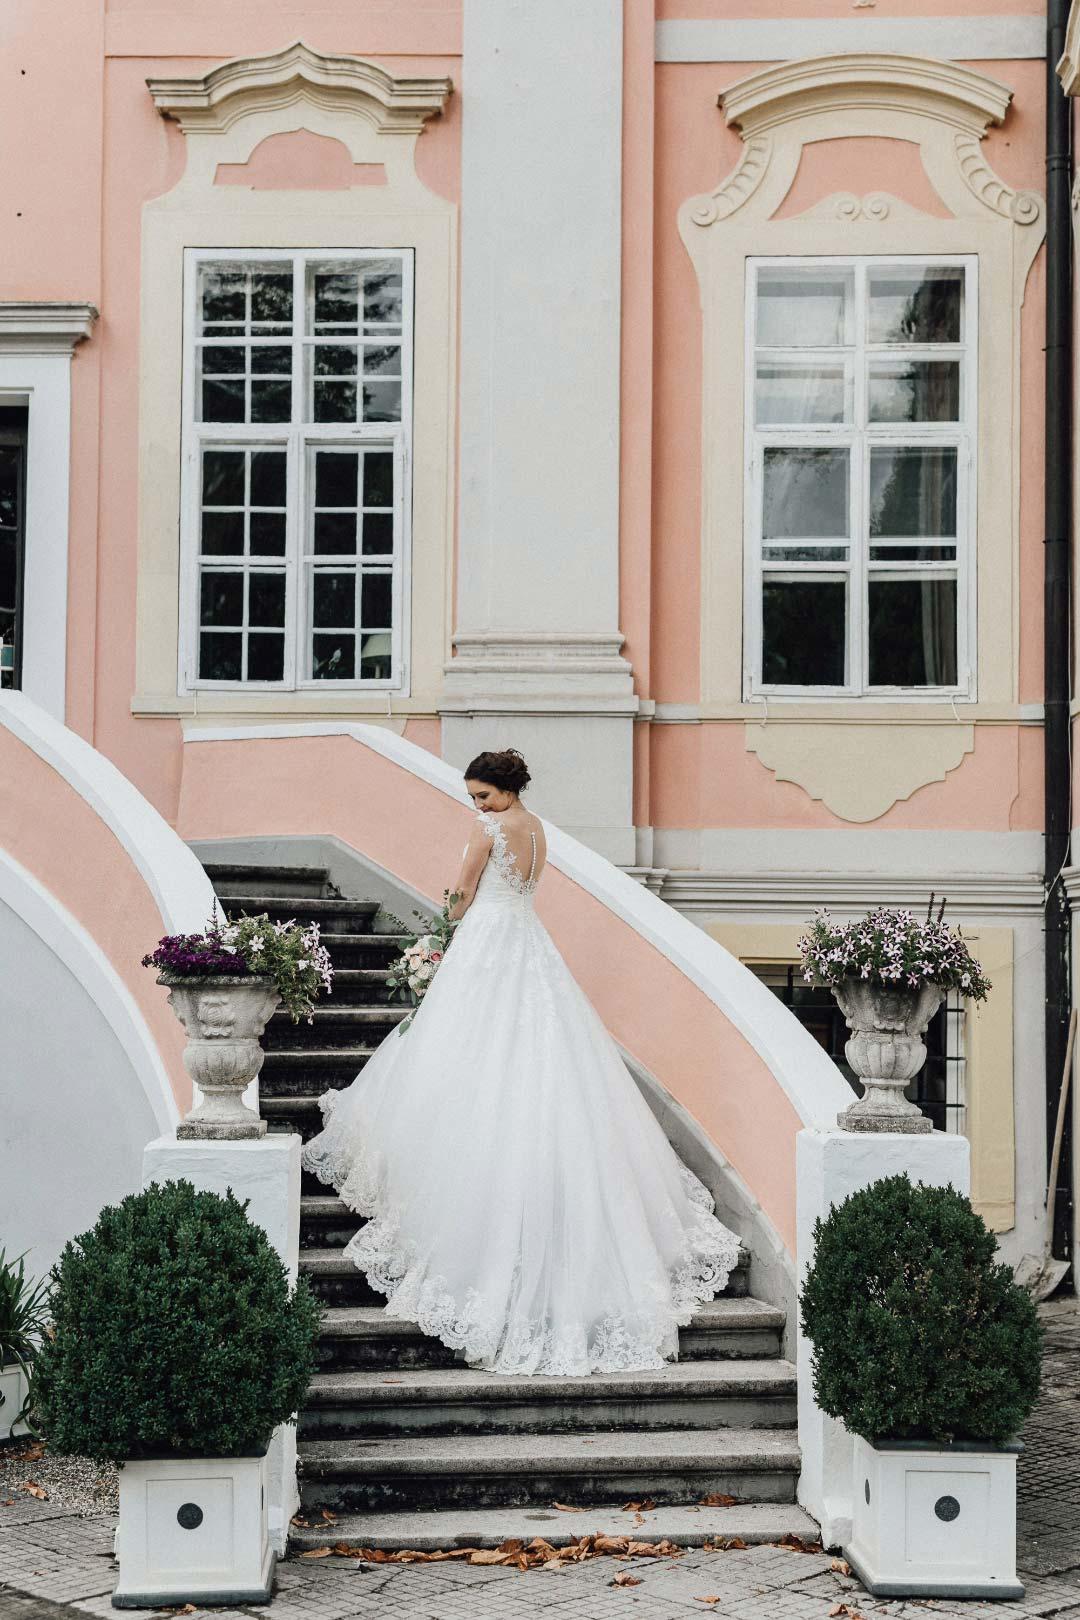 Foto der Braut auf einer Treppe an der Location der Hochzeitsfeier